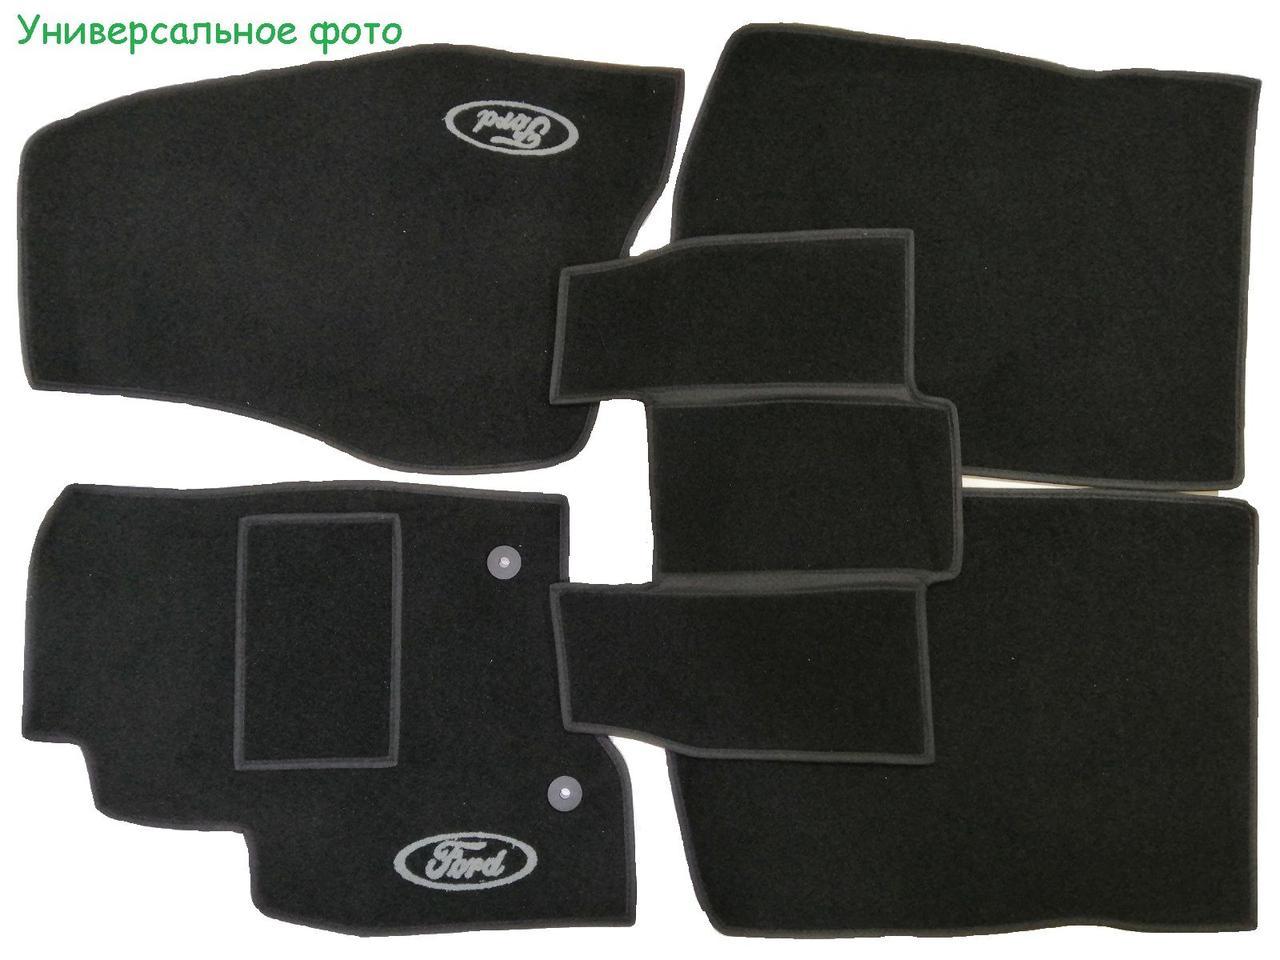 Коврики ворсовые в салон на Ford Mondeo V 2014- черные